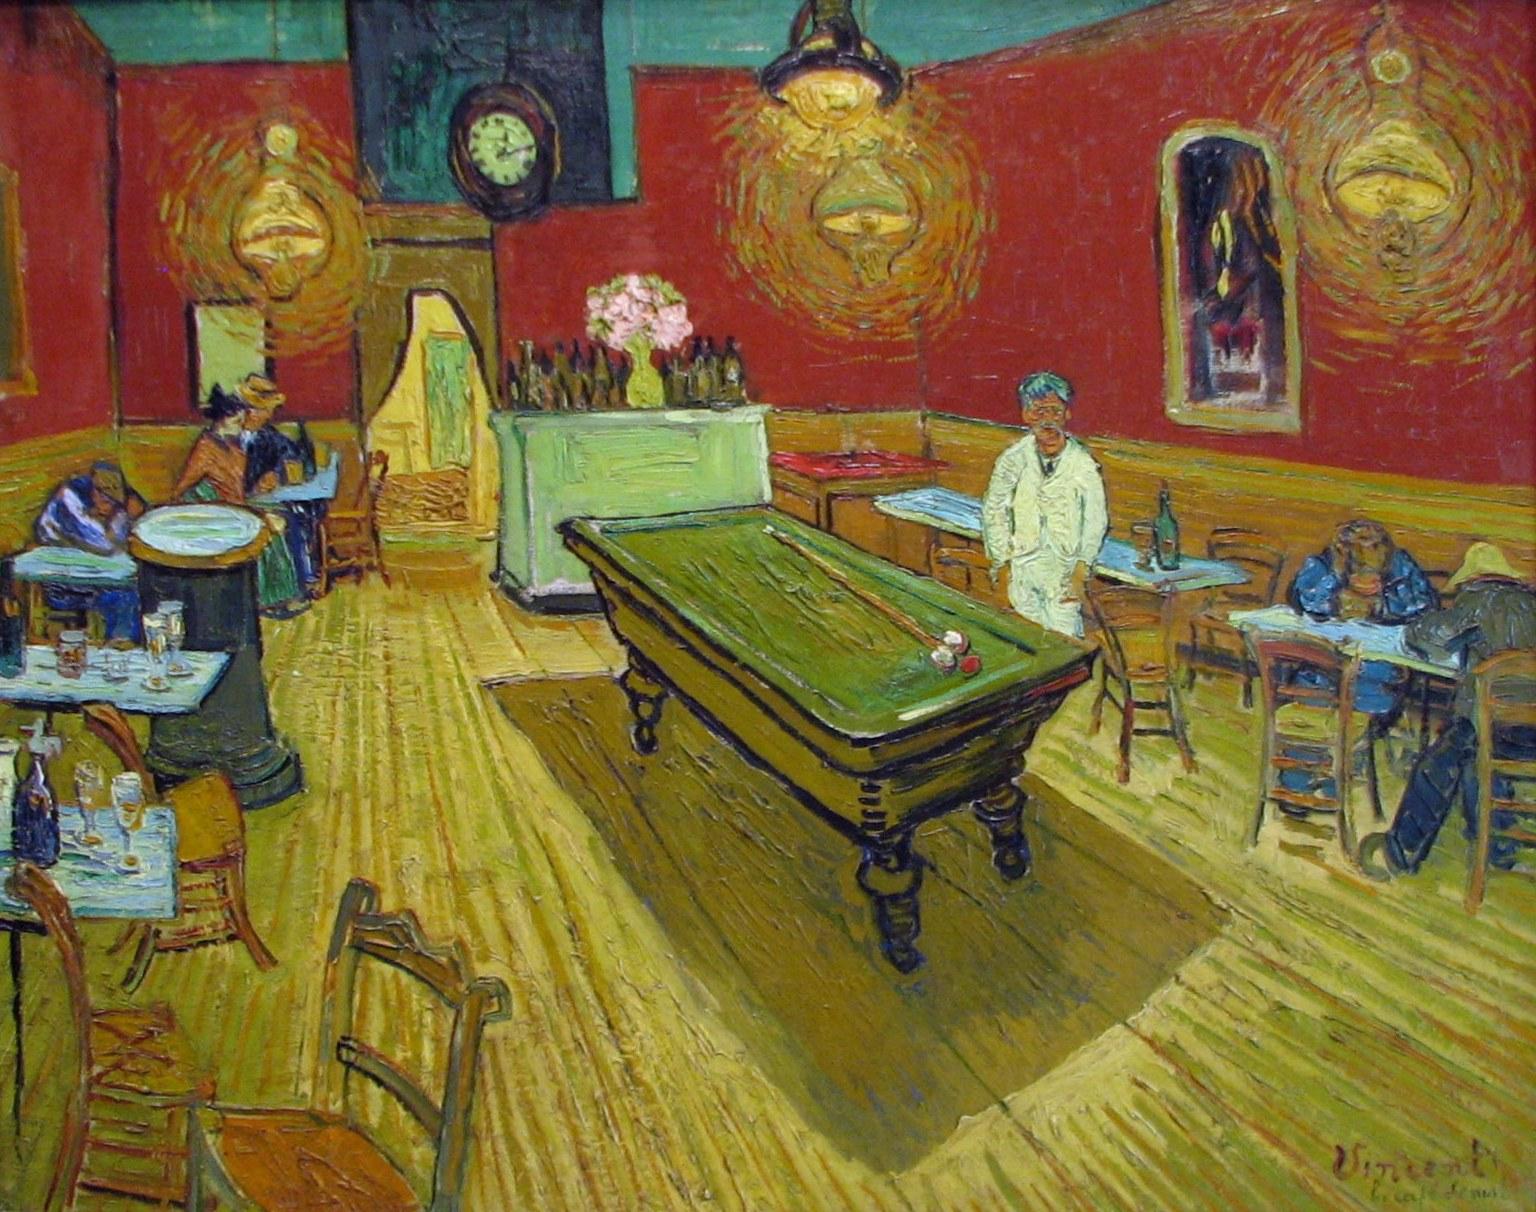 Ночное кафе, 1888 (интерьер кафе